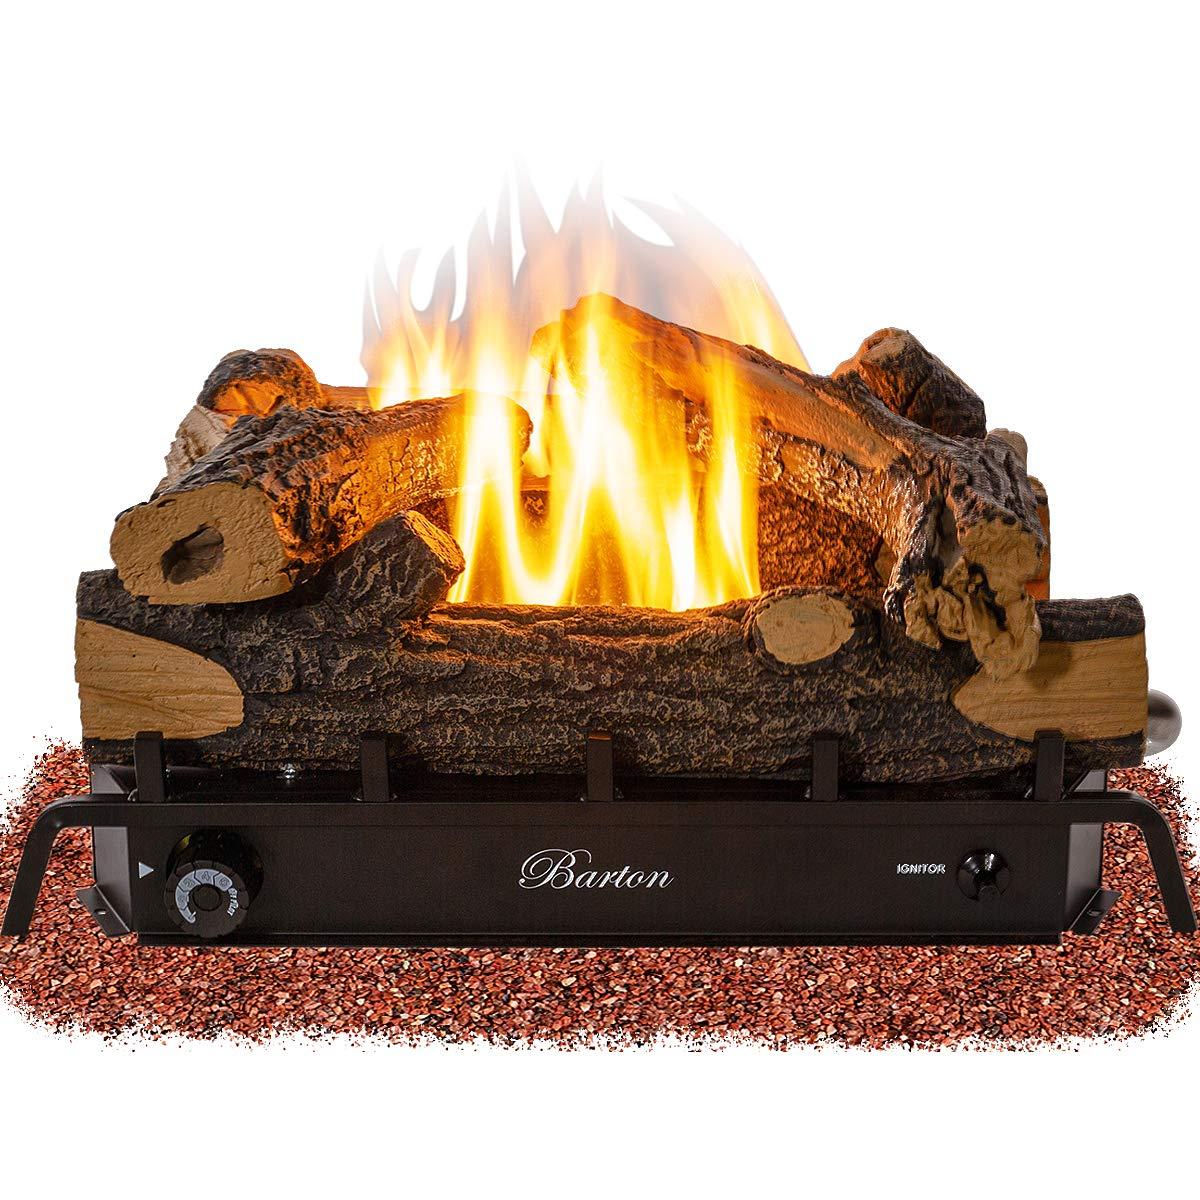 Barton Premium 18-inch Vent-Free Natural Gas Log Set 30,000 BTU Dual Burner Glowing Ember ANSI Certified Burner by Barton